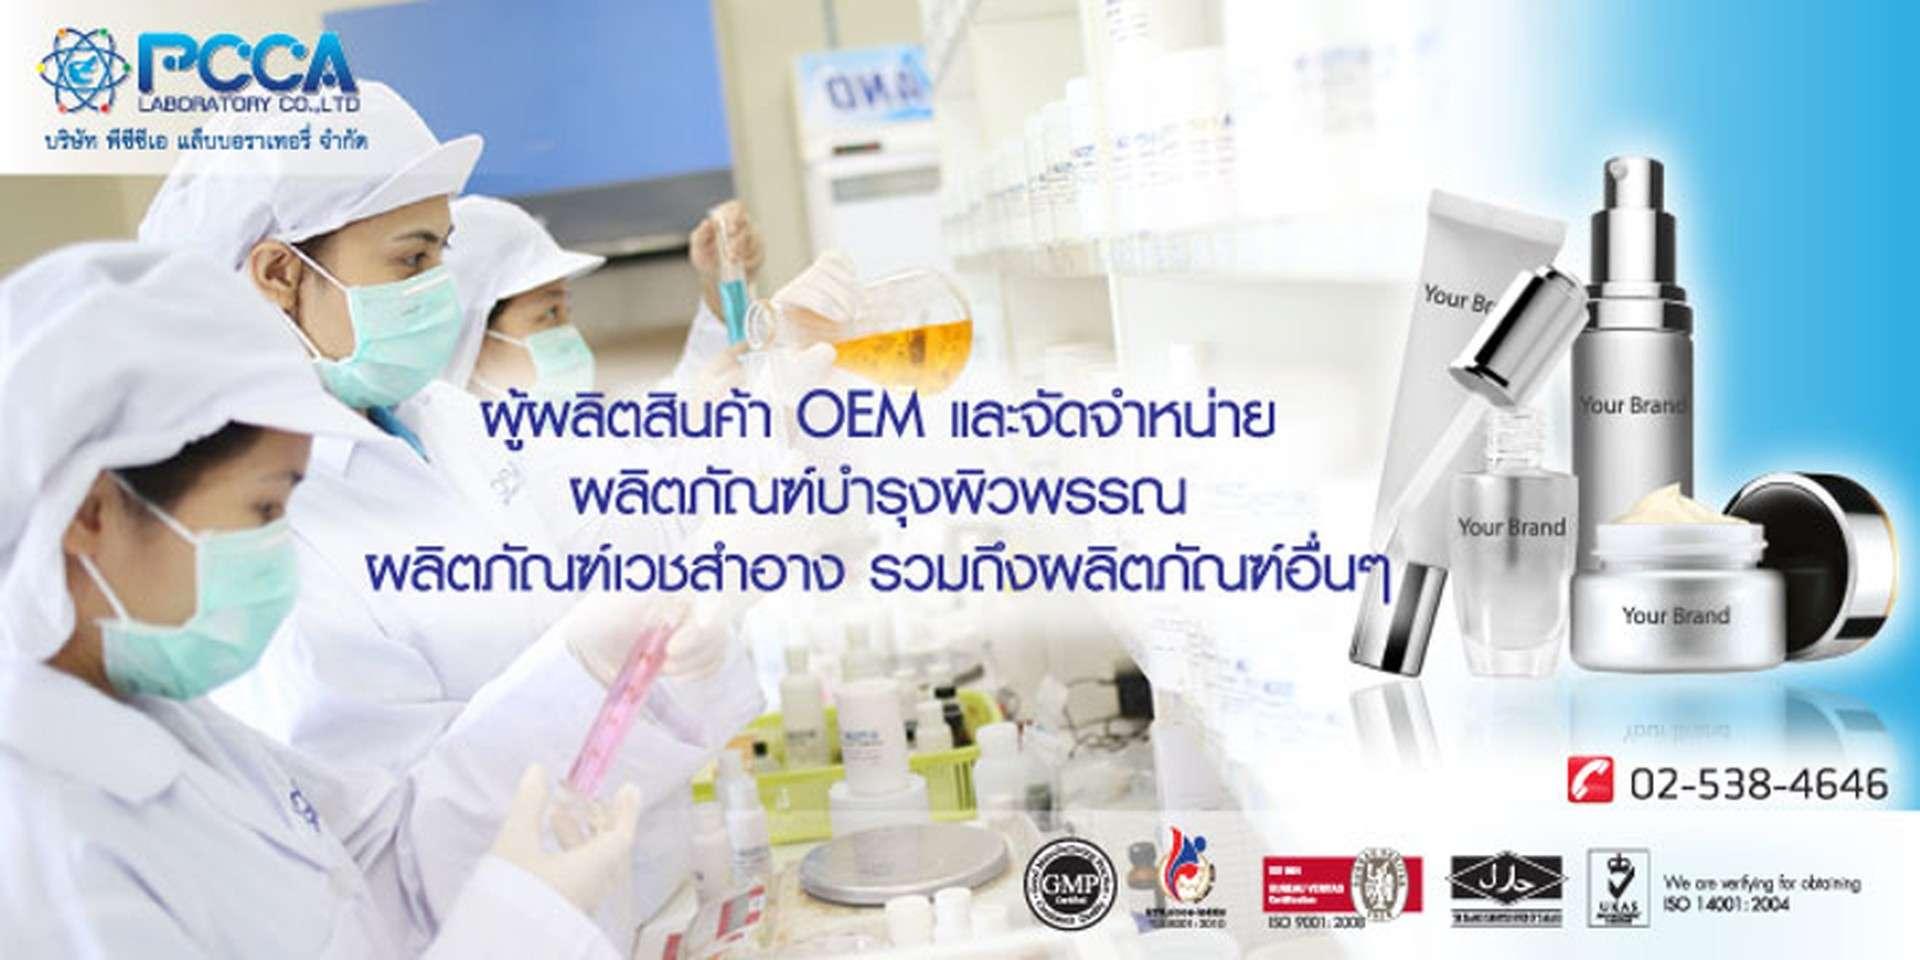 รับผลิตครีม PCCA Laboratory